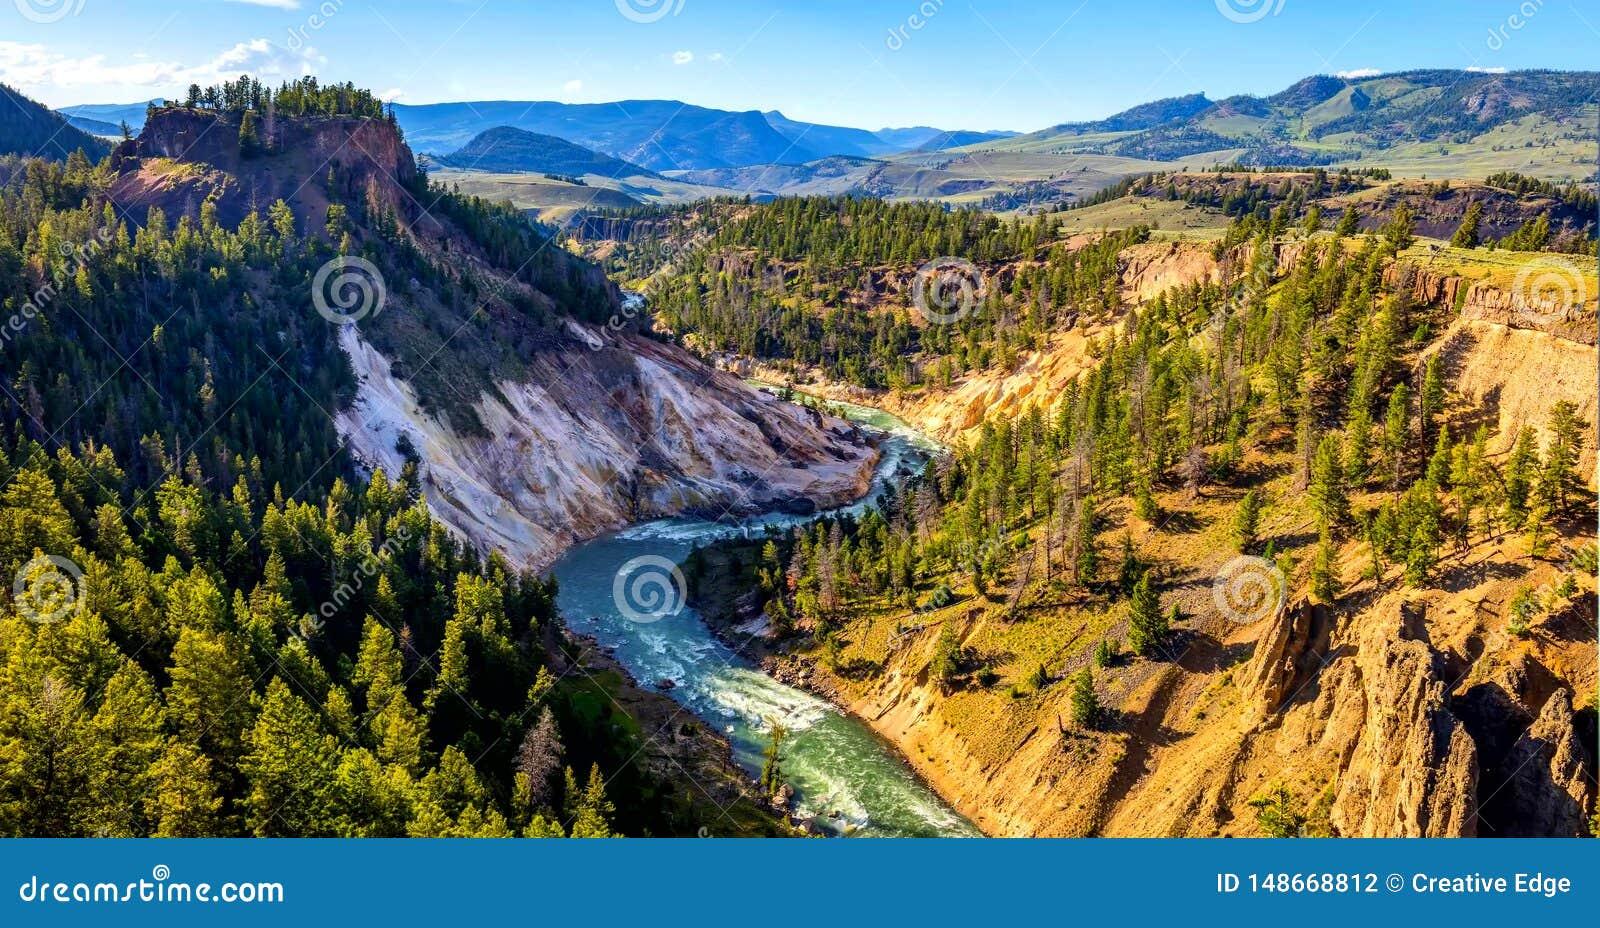 Archivbild des Westdaumen-Geysir-Beckens, Yellowstone Nationalpark, USA